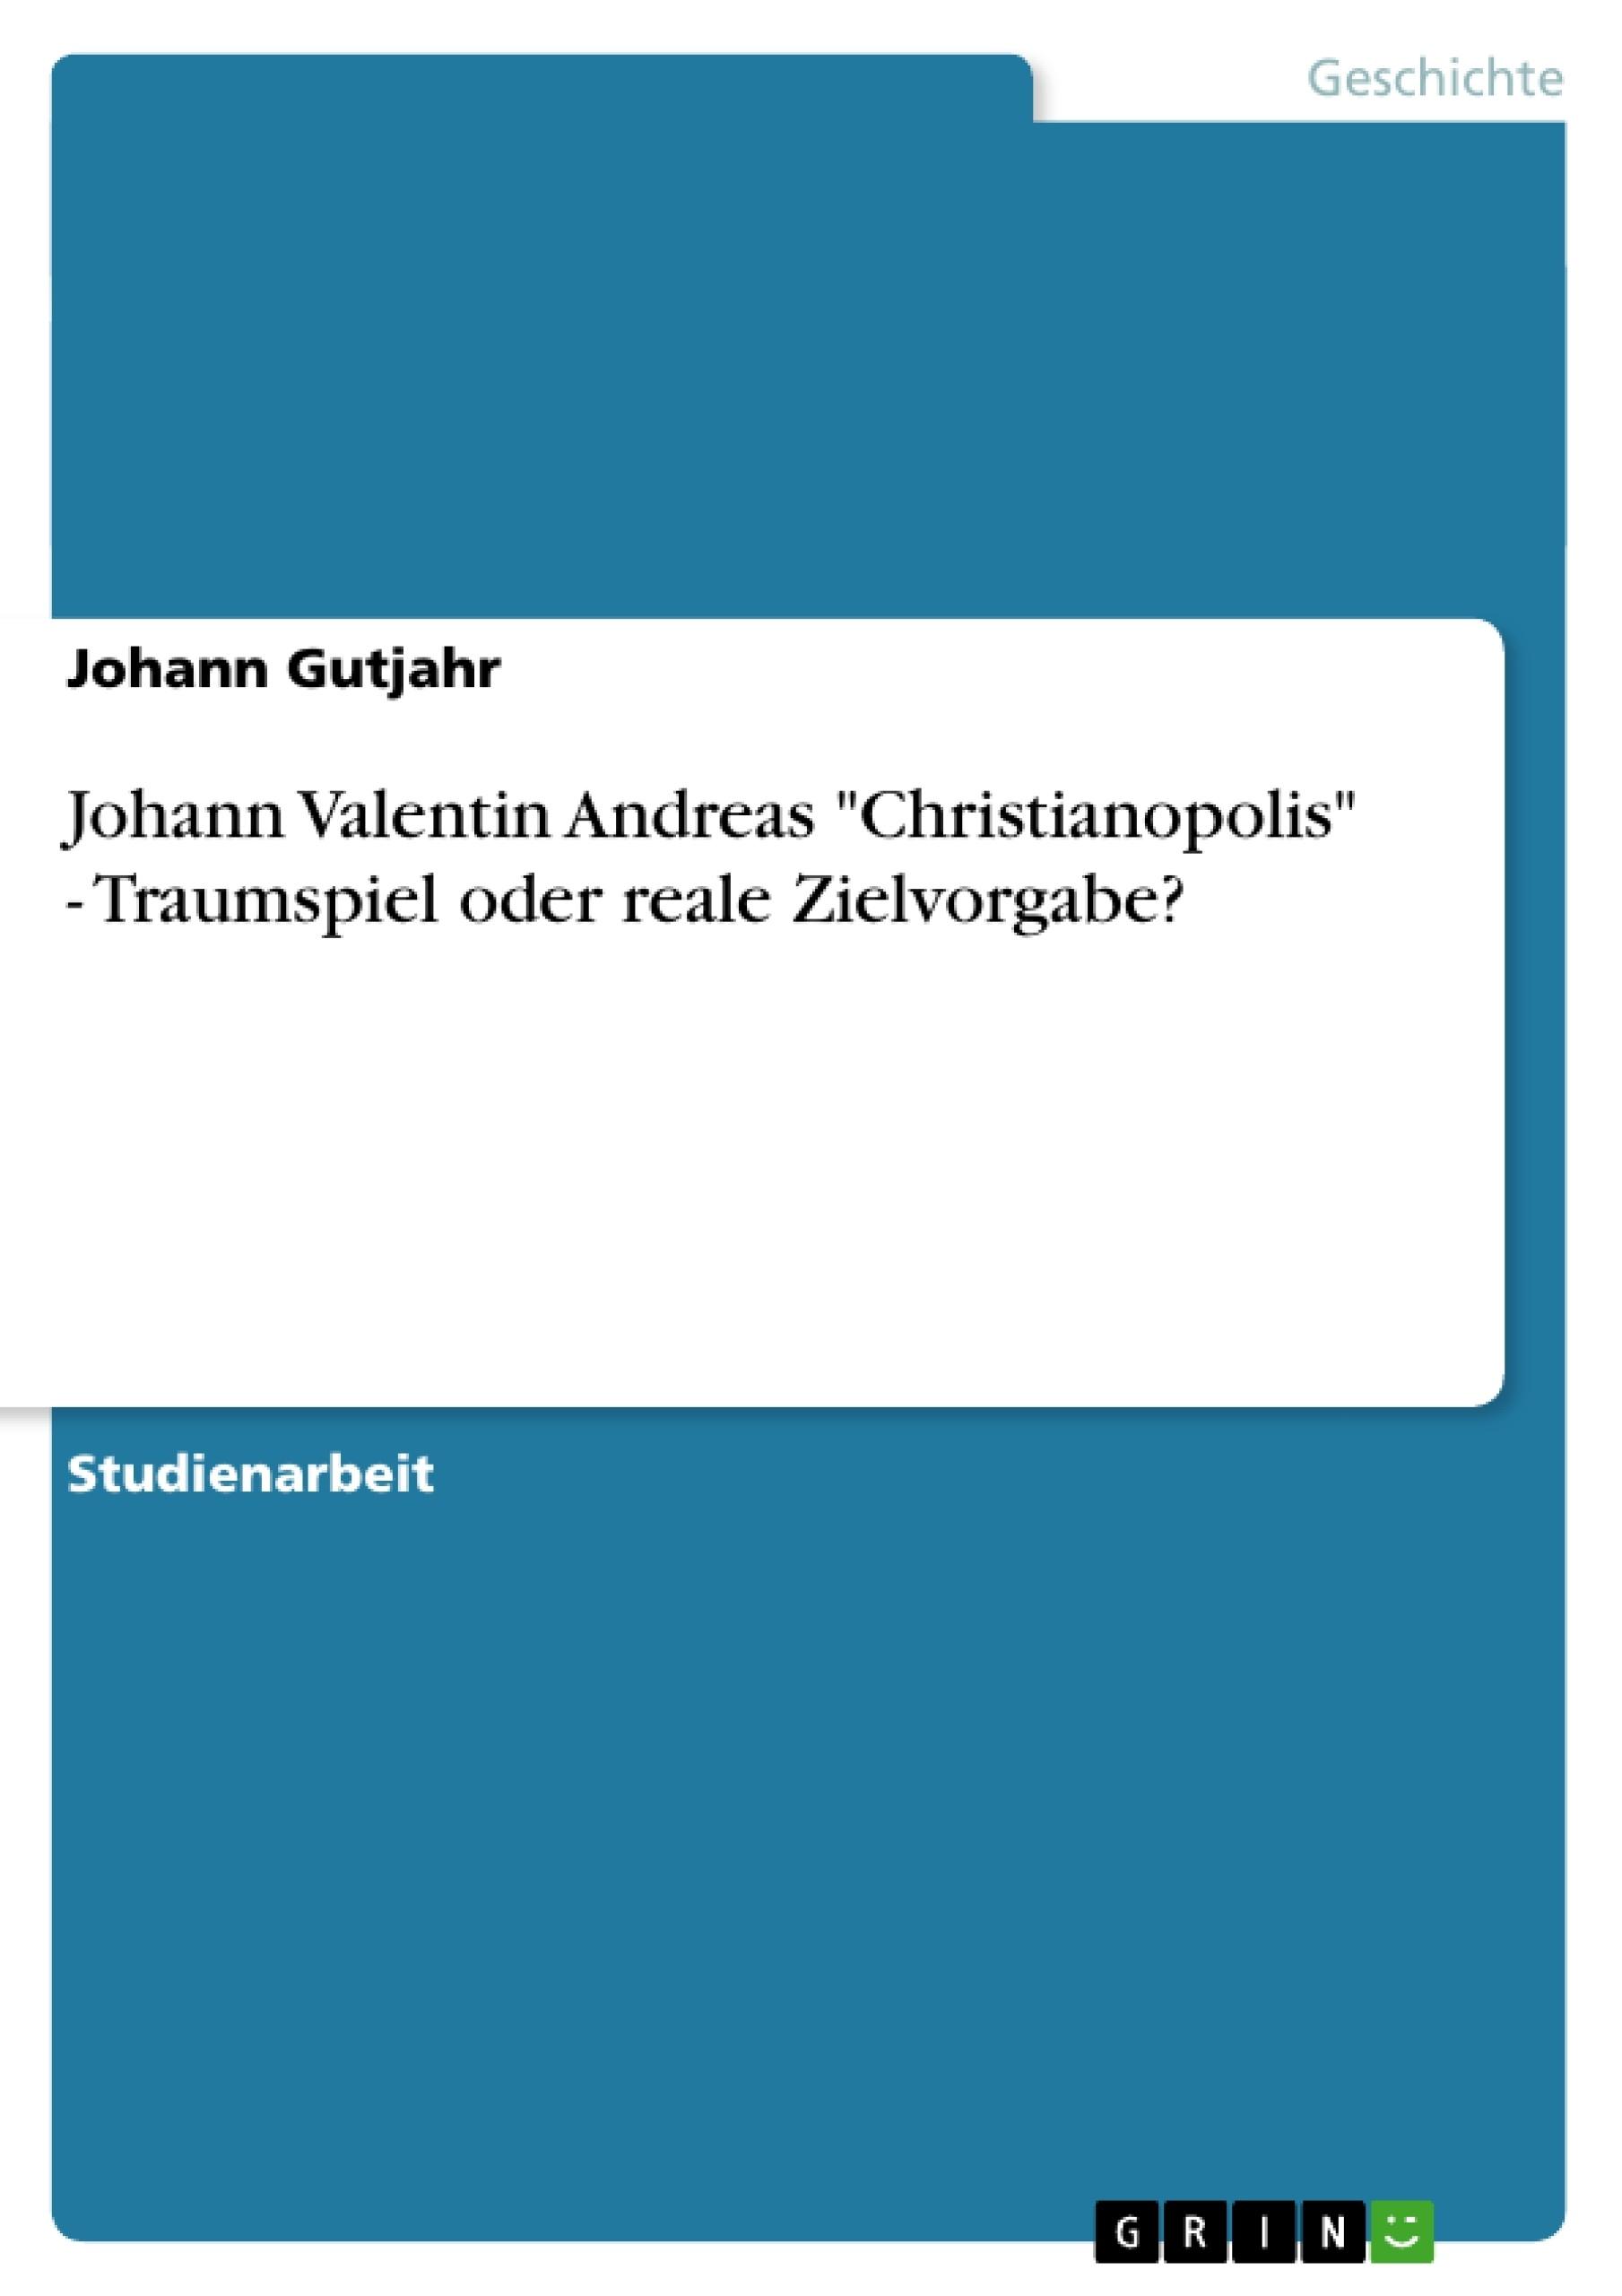 """Titel: Johann Valentin Andreas """"Christianopolis"""" - Traumspiel oder reale Zielvorgabe?"""